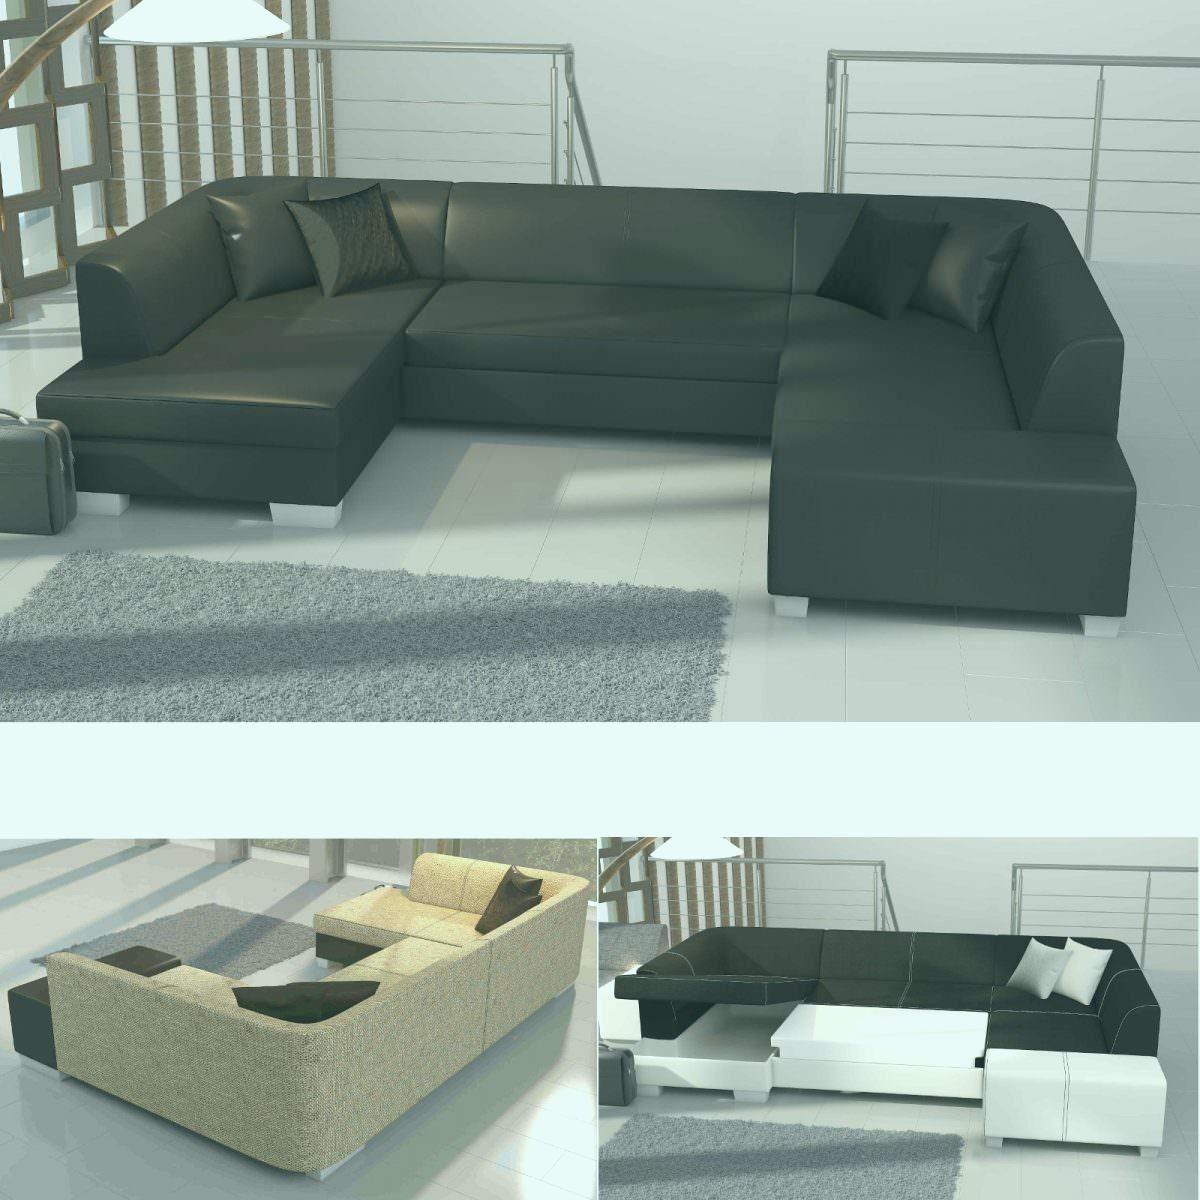 Full Size of Big Sofa Xxl Poco Polsterecke Inspirierend Couchgarnitur Mit Verstellbarer Sitztiefe Chesterfield Günstig 2er 3 Sitzer Grau Riess Ambiente Modulares Gebraucht Sofa Big Sofa Poco